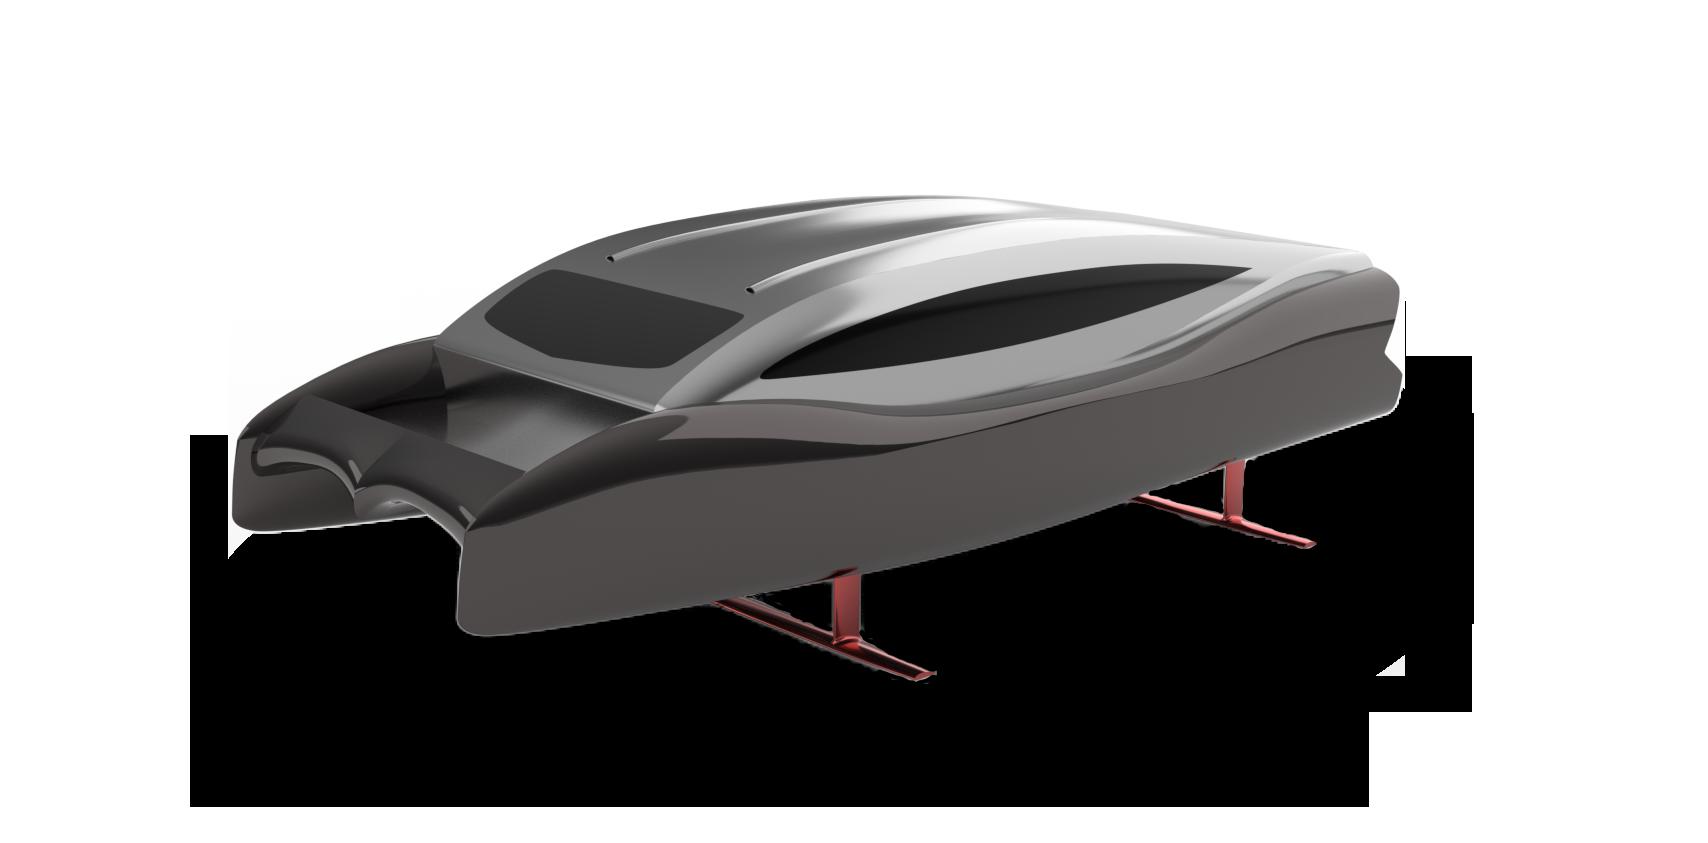 Mobyfly 18m boat